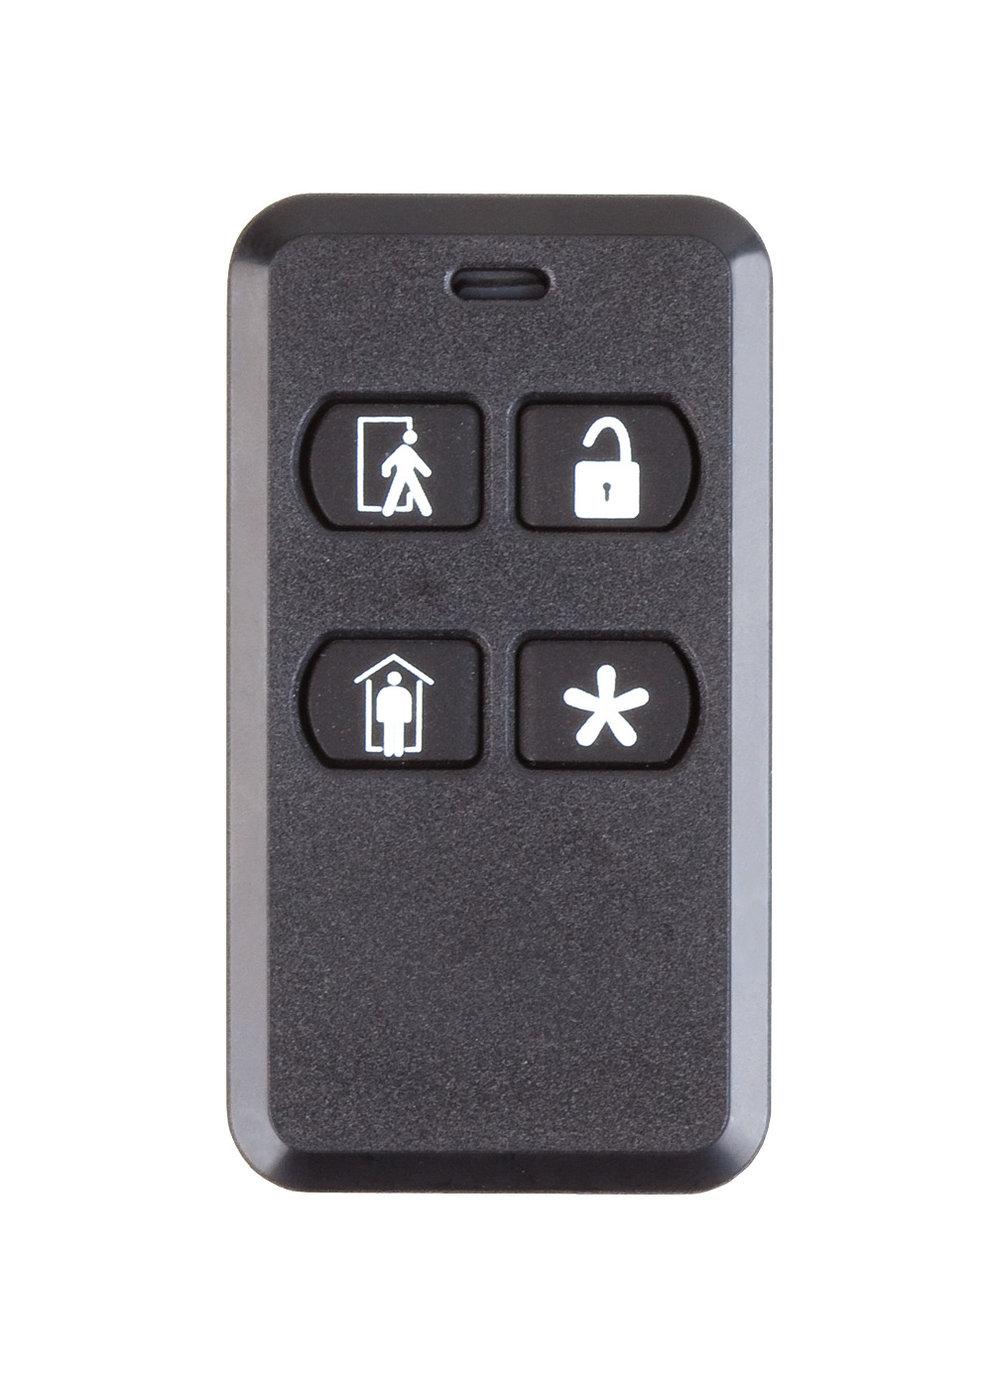 Key fob control